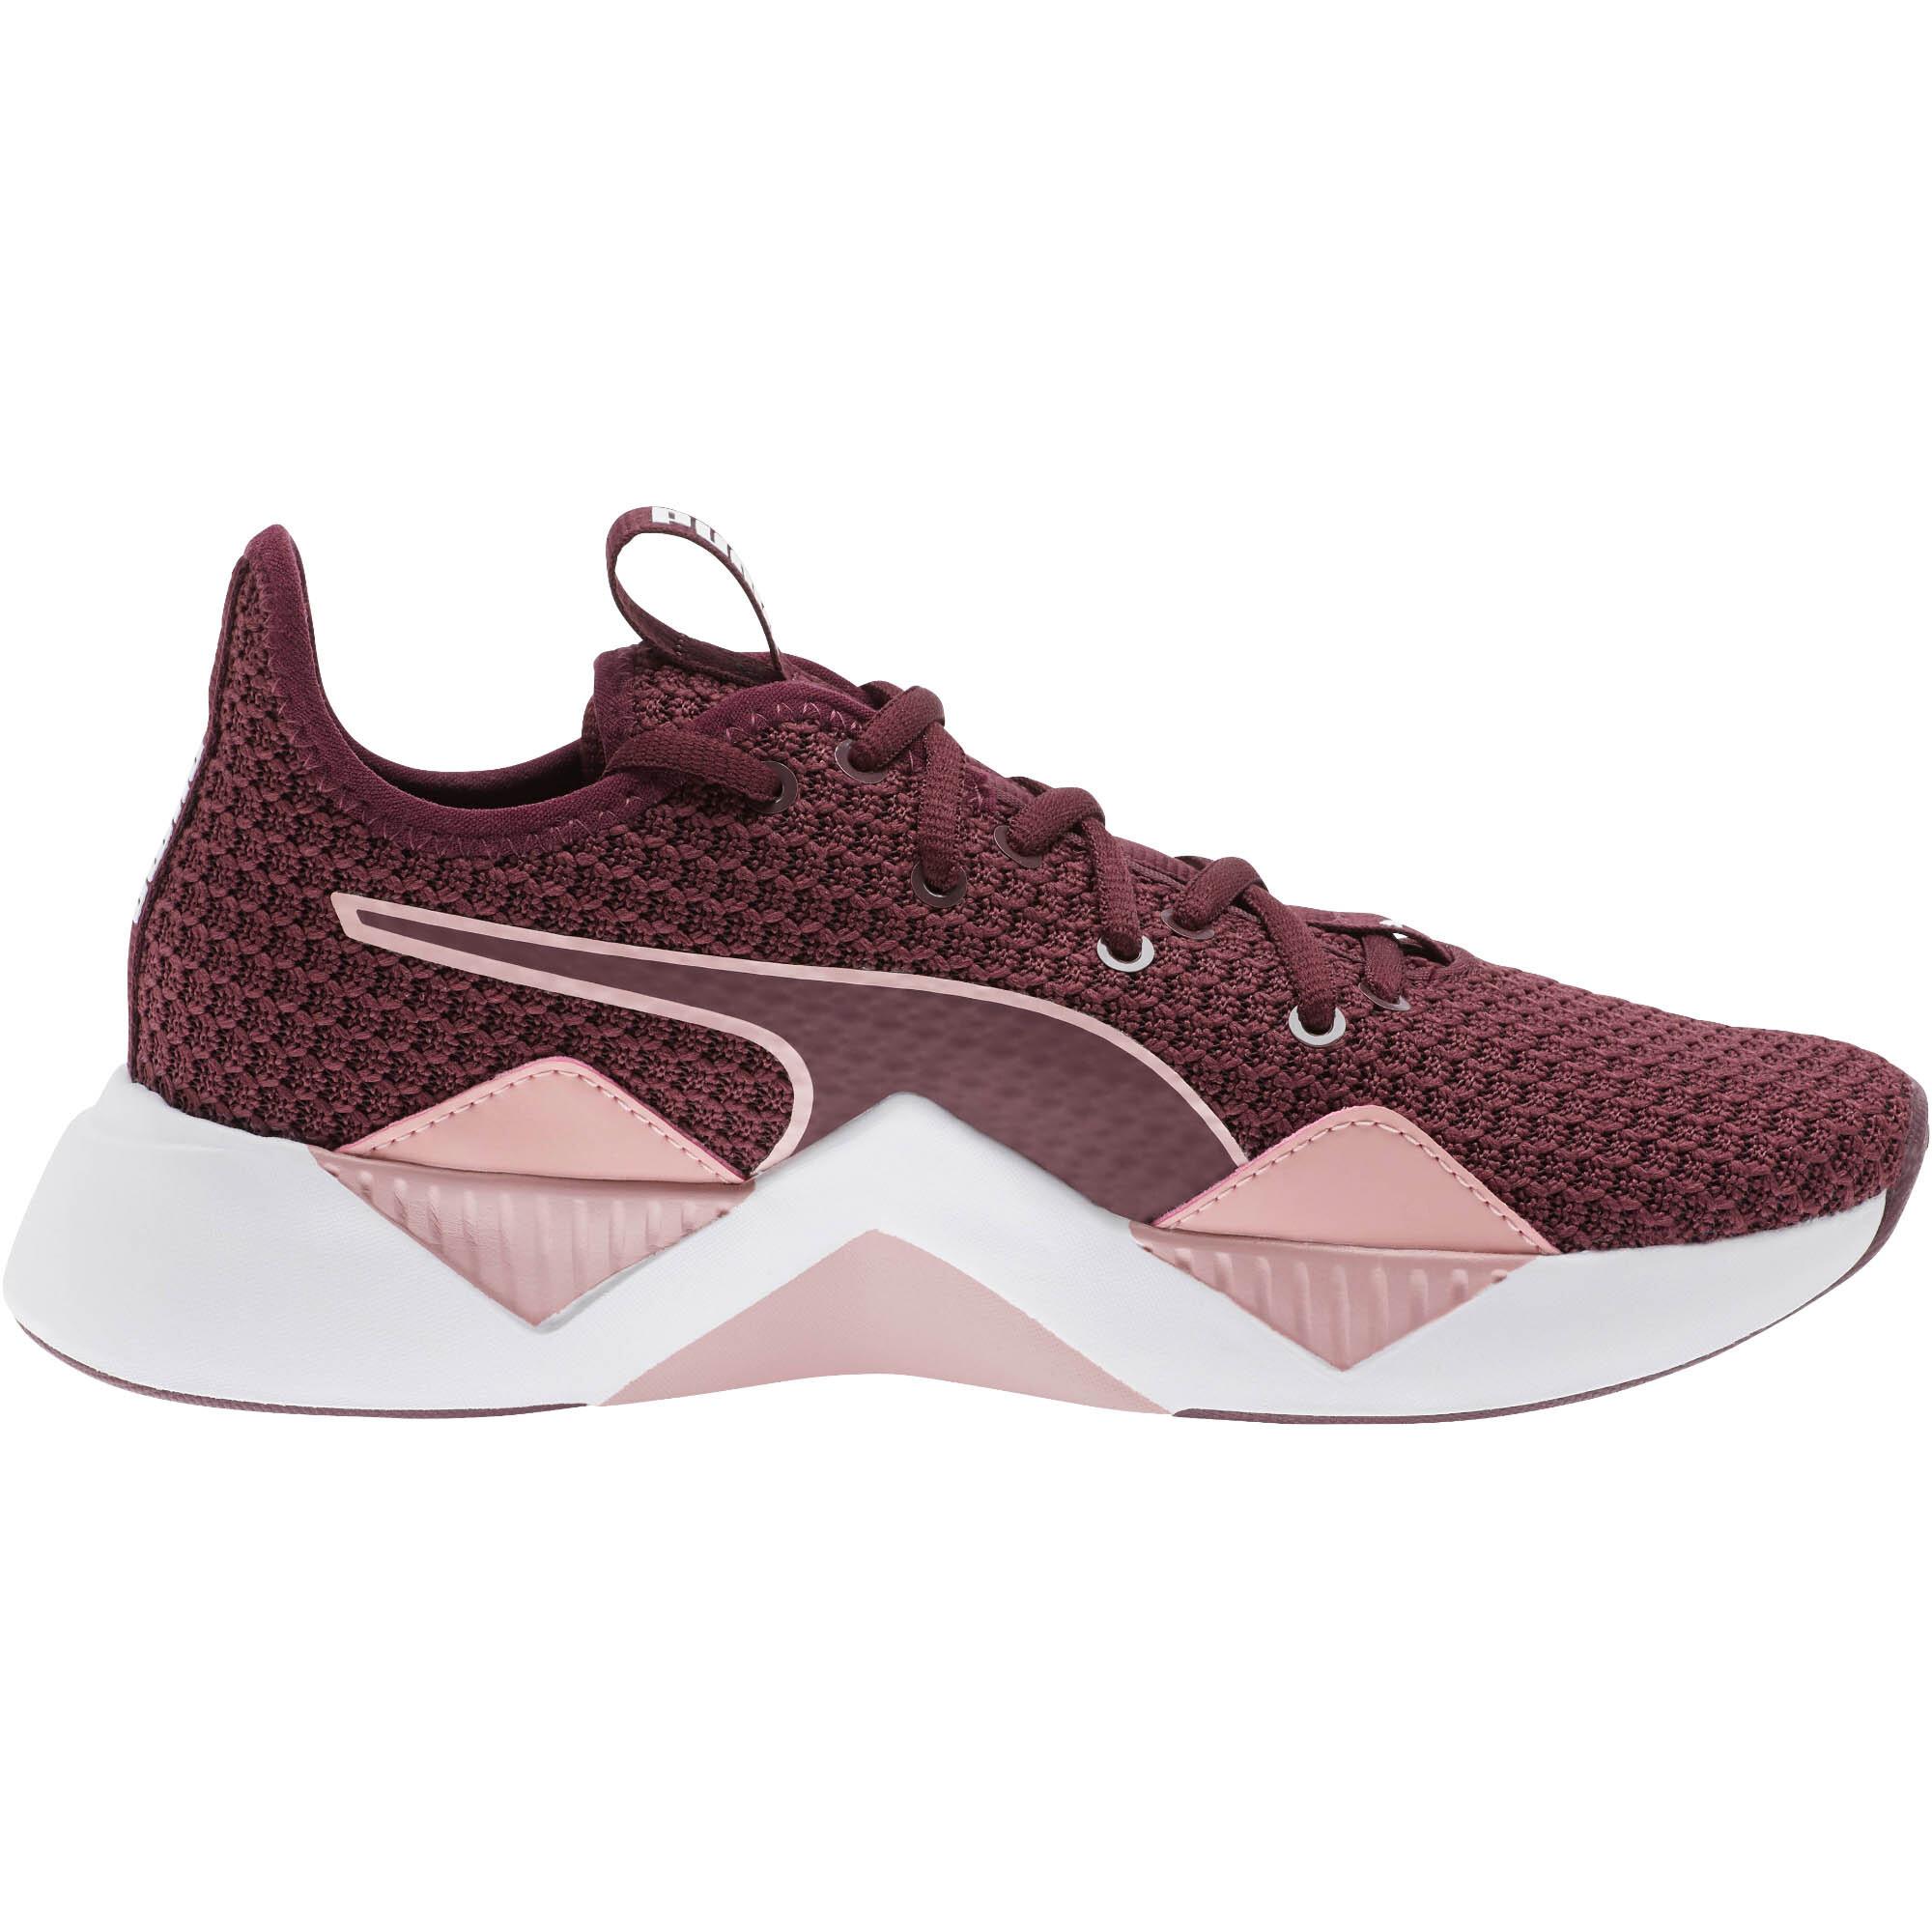 PUMA-Incite-FS-Women-039-s-Training-Shoes-Women-Shoe-Training thumbnail 14